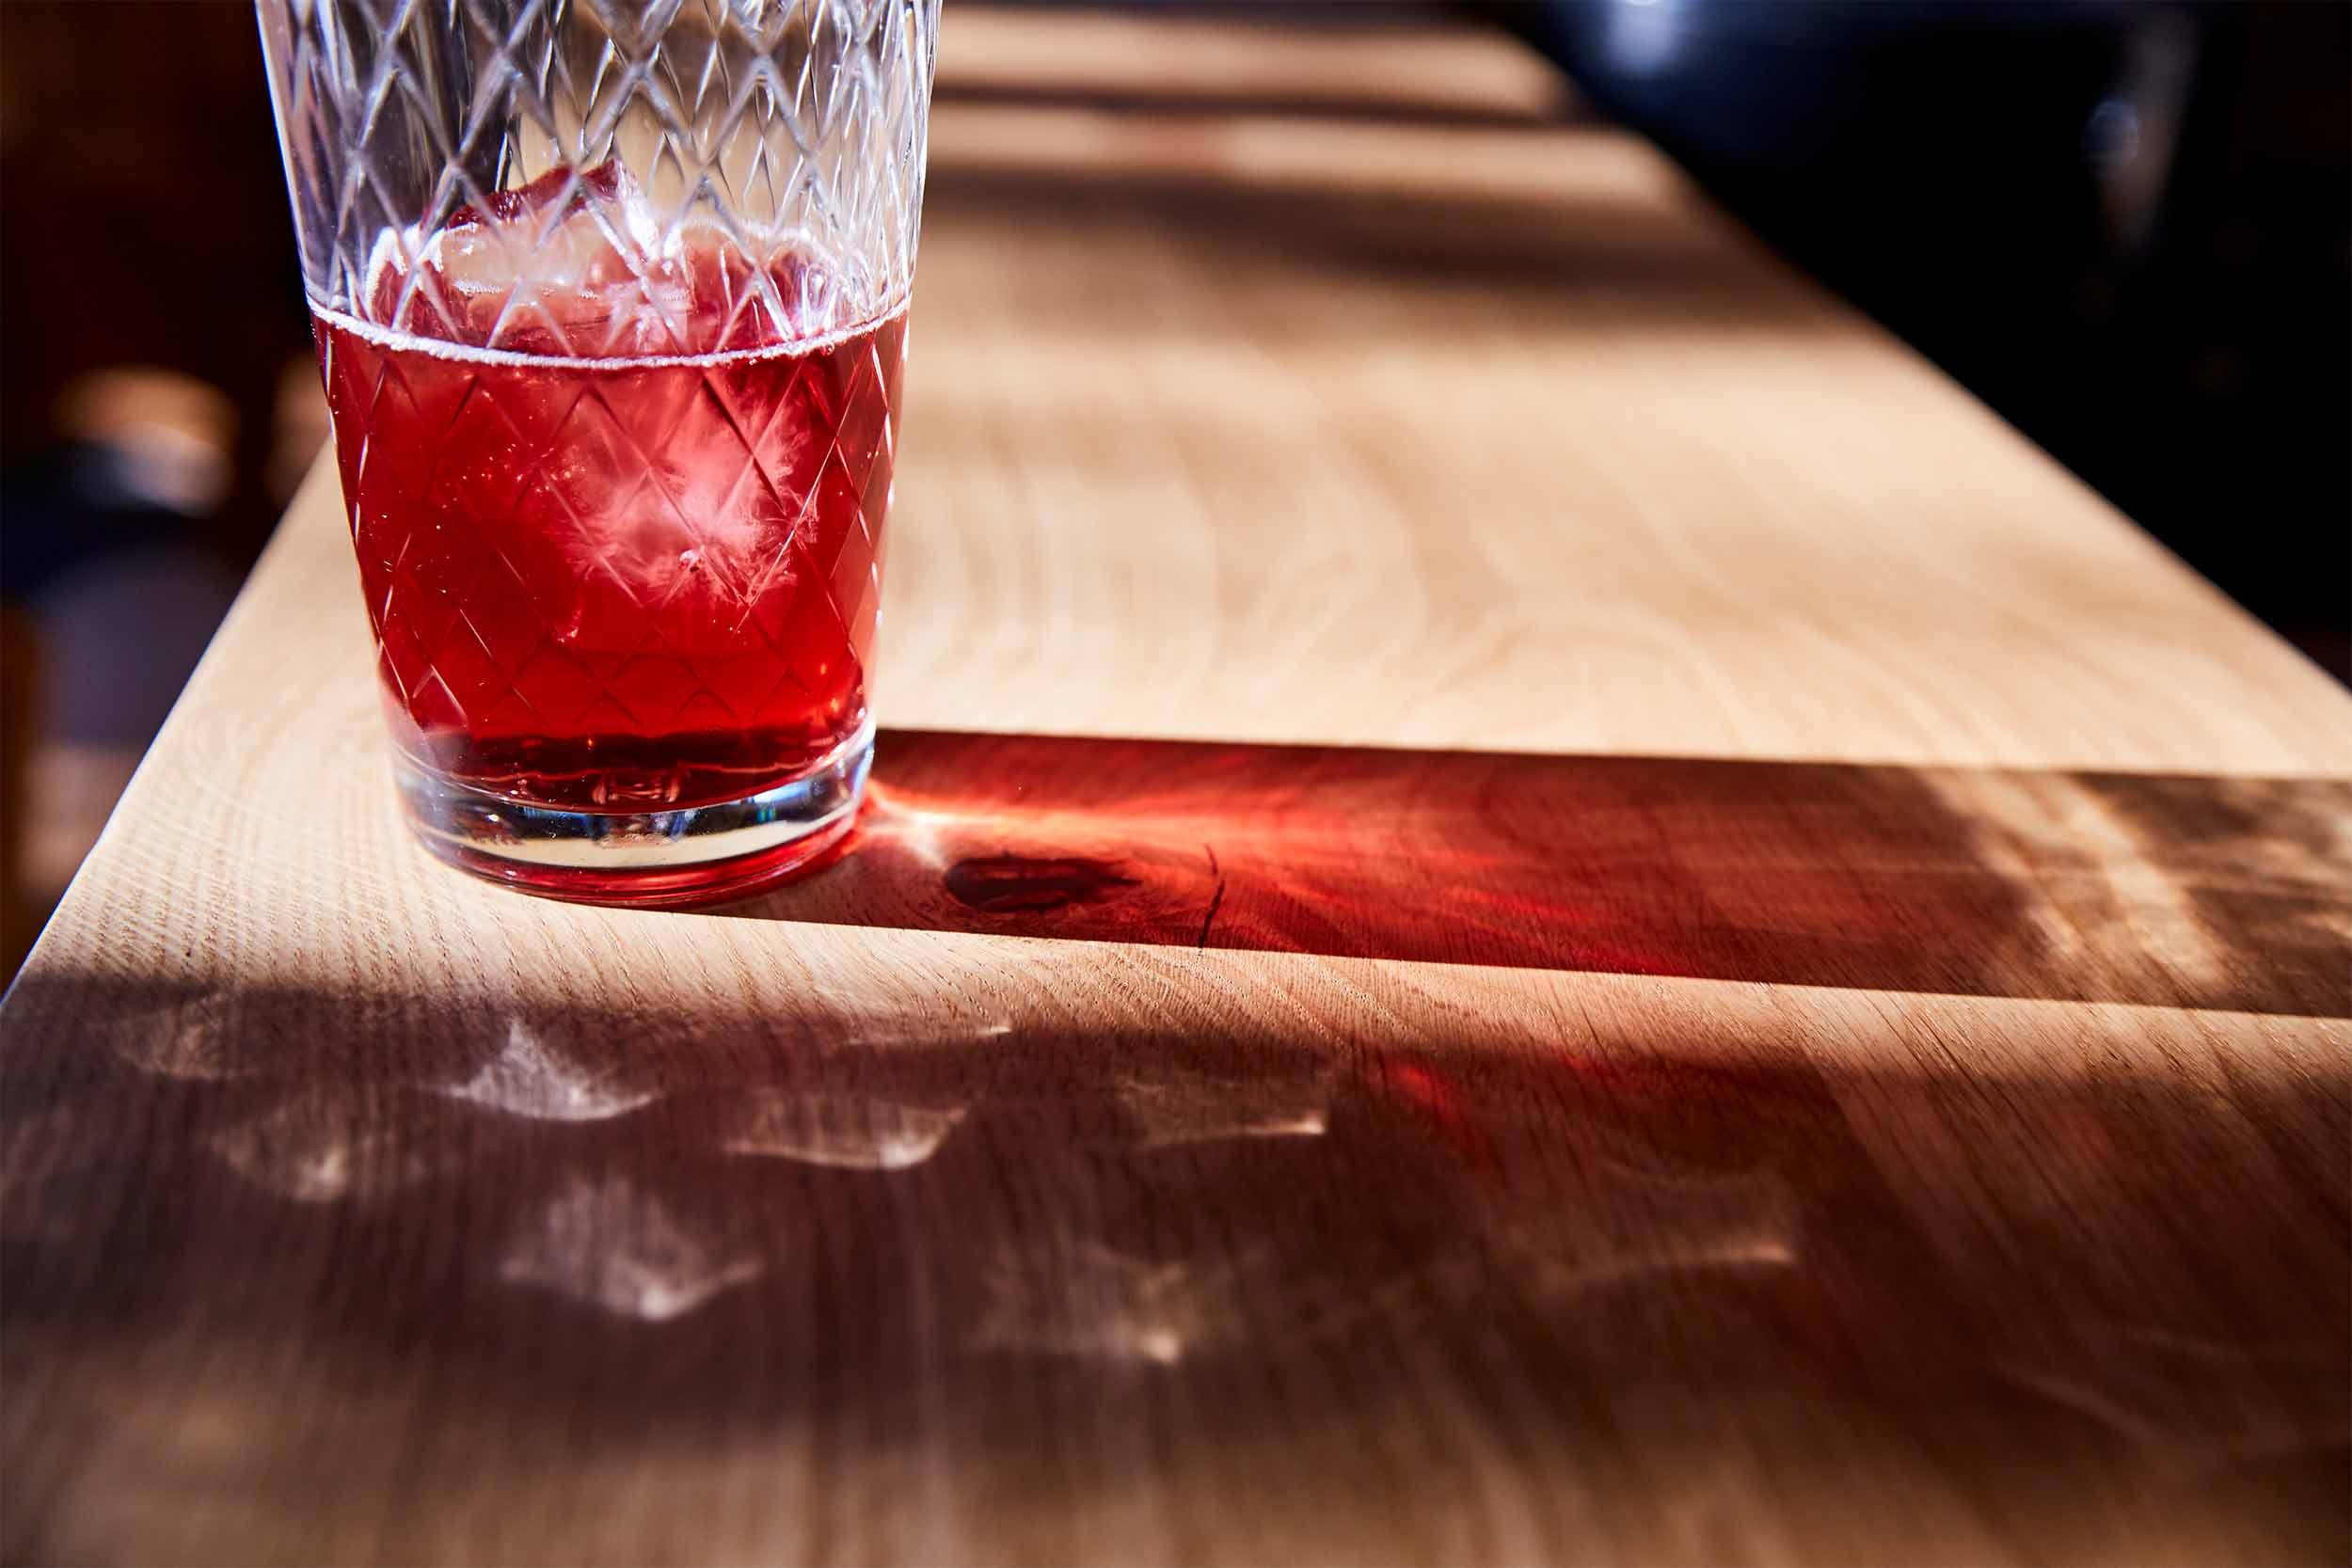 Blaue Kappe Essen und Trinken Augsburg Corporate Design und Website – Drinks